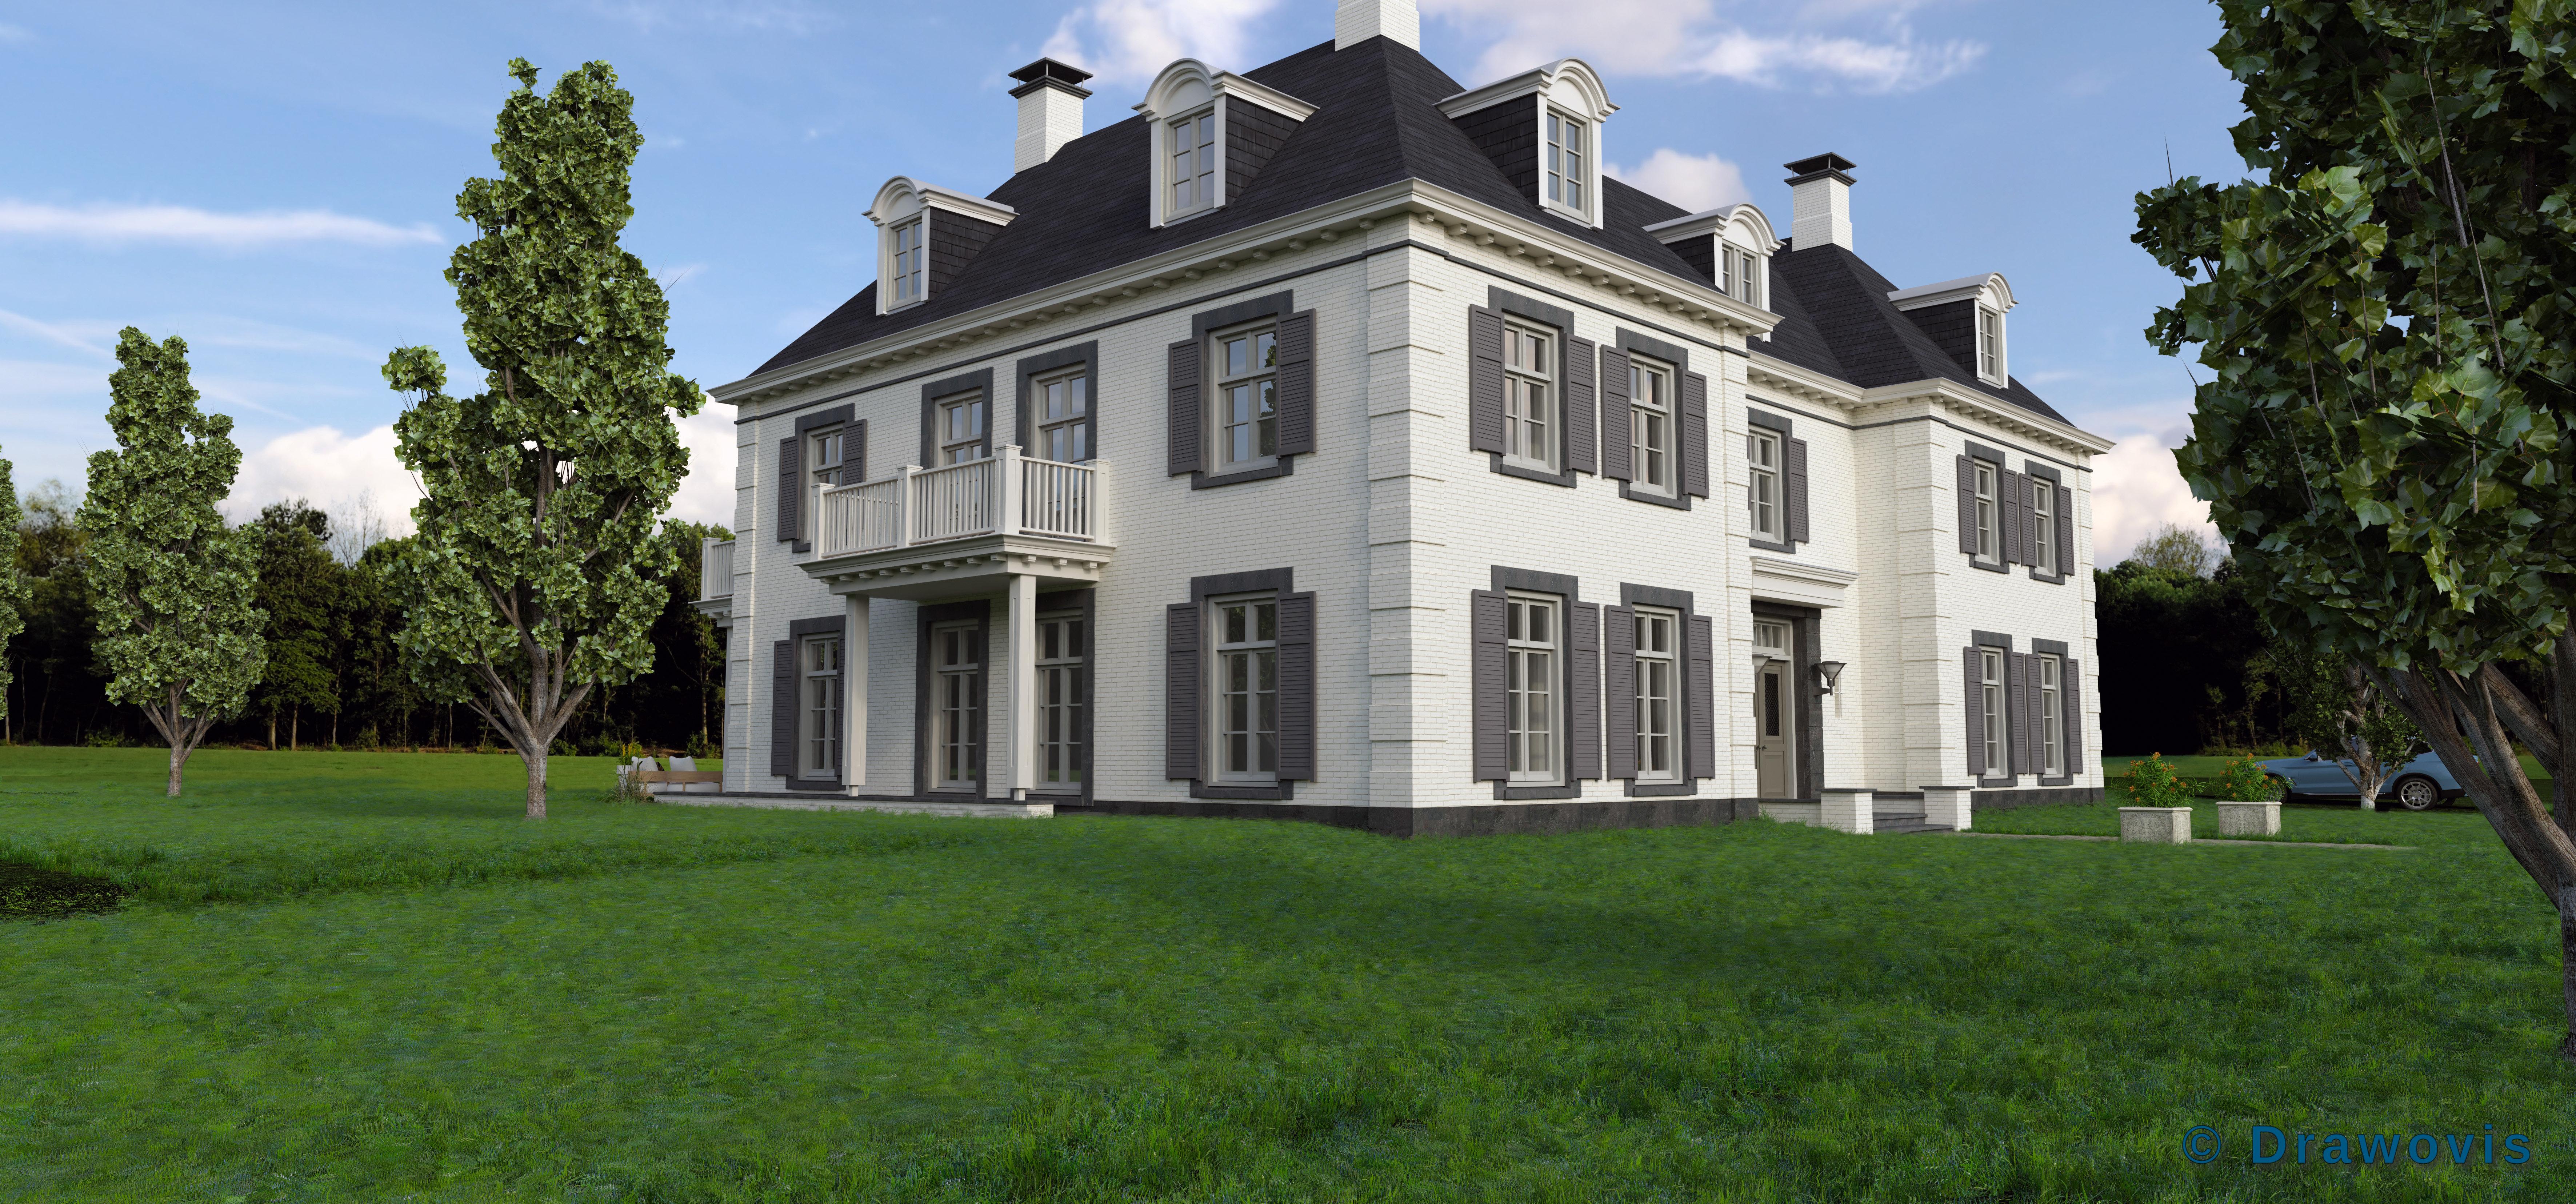 Drawovis-manor_house2.jpg